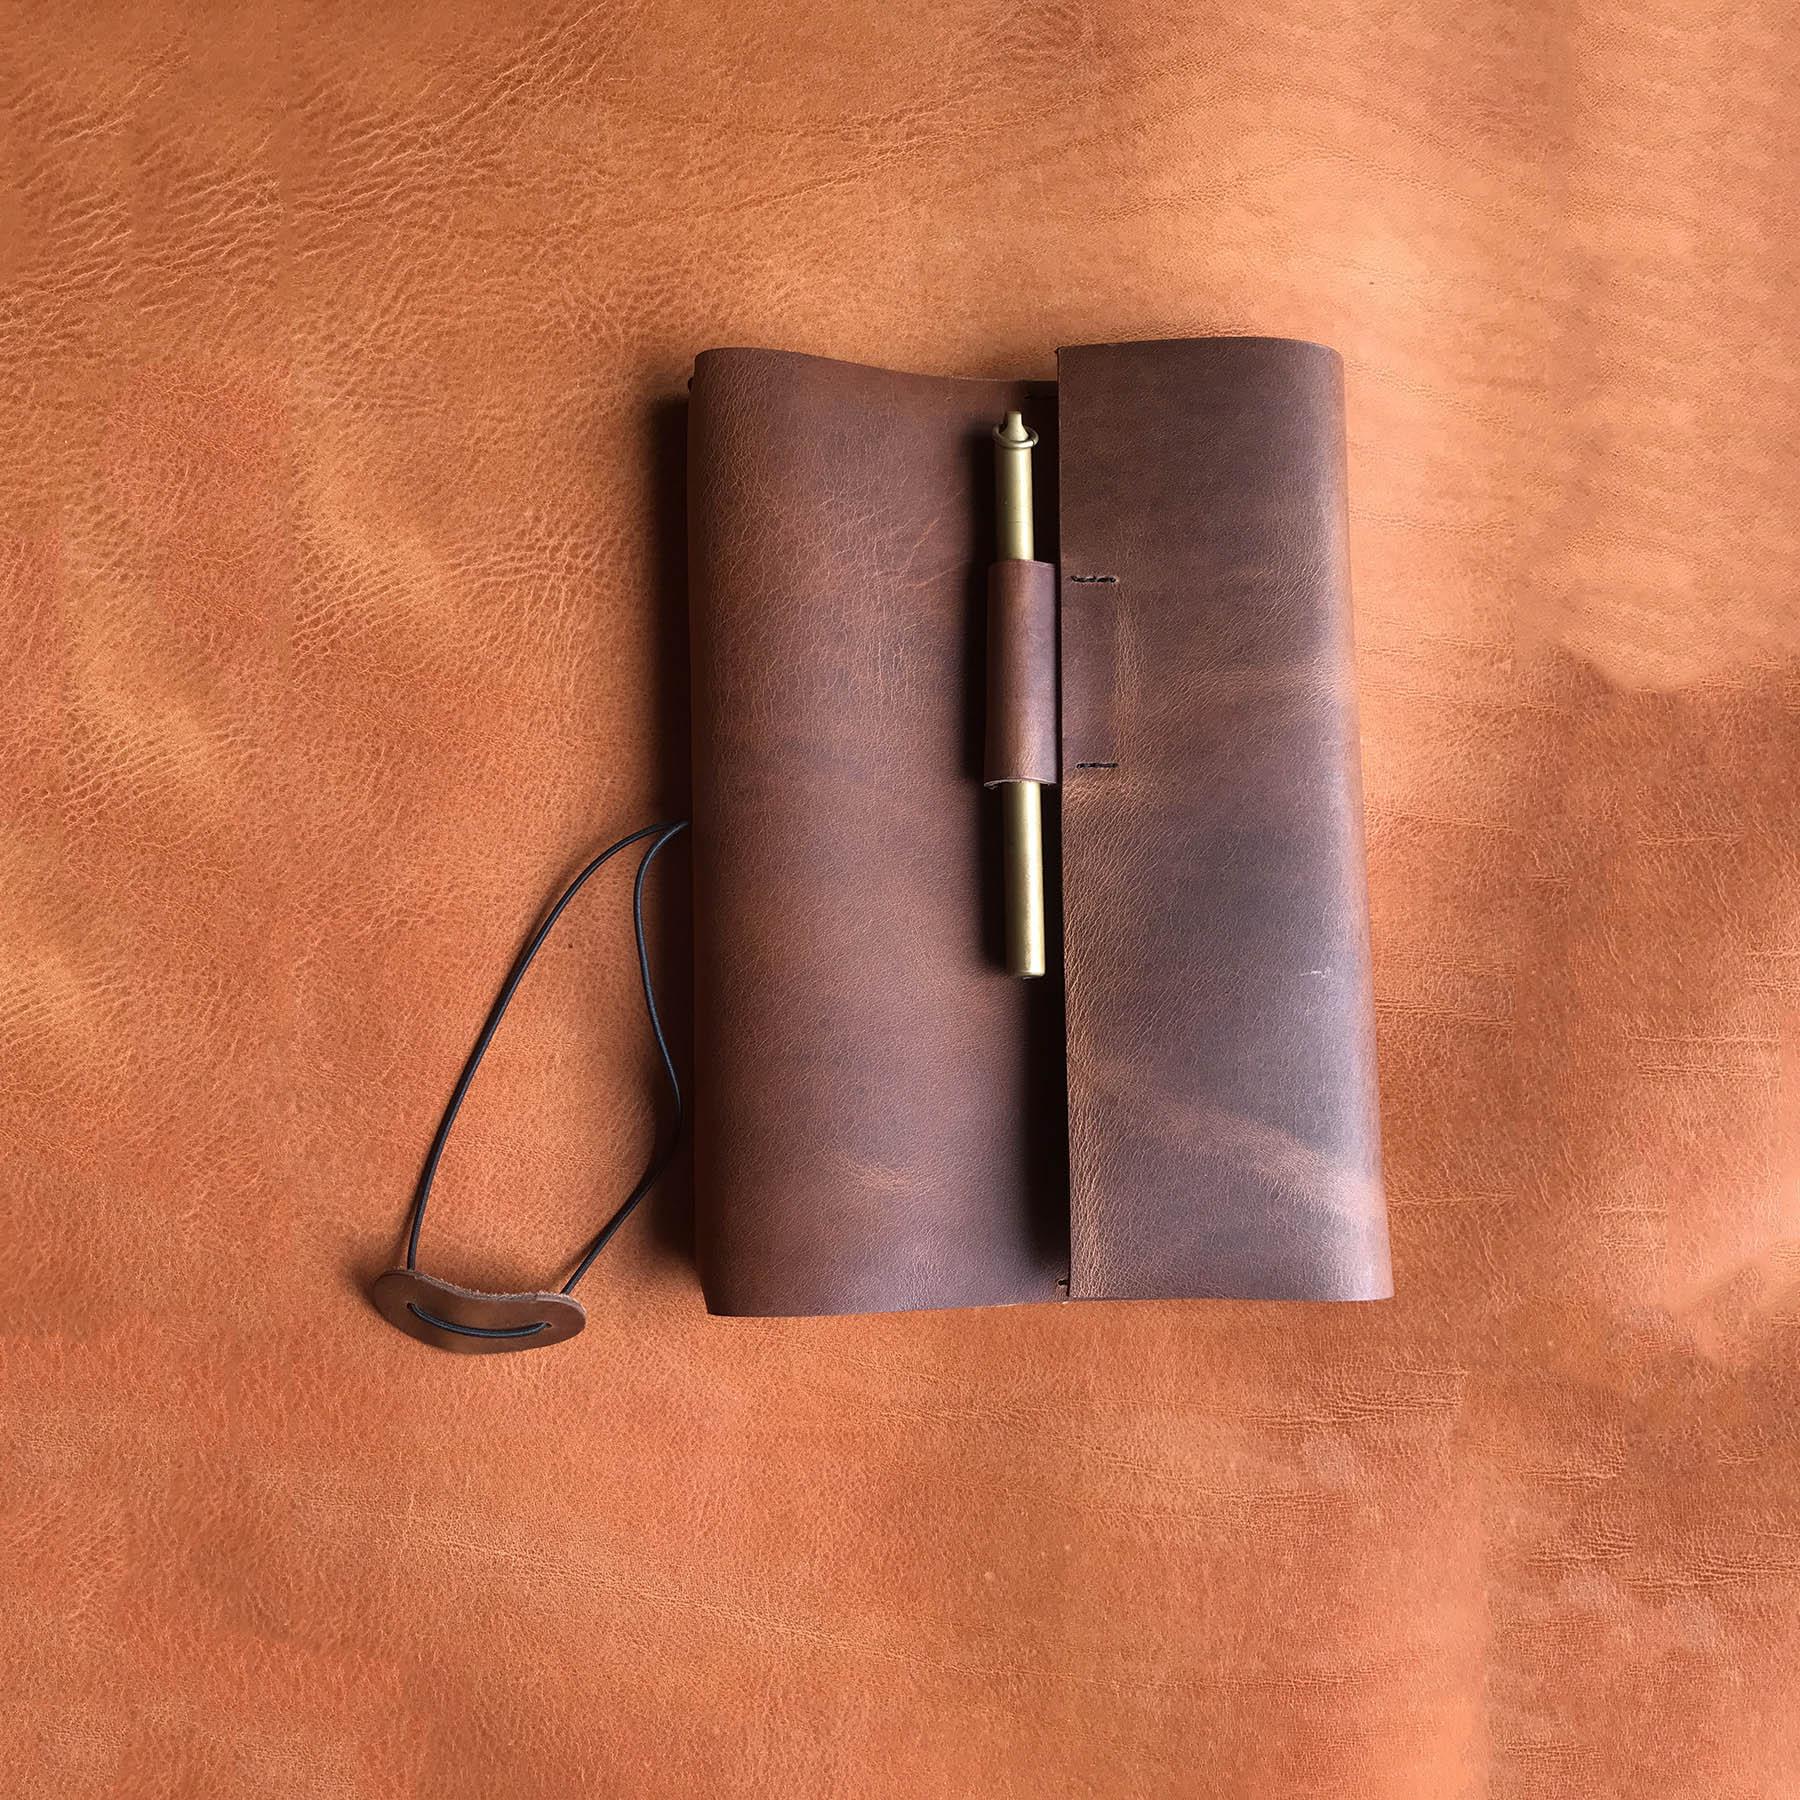 ruda vyriska odine uzrasine odinis dienorastis ranku dabo naturalio odos  vyrams  dovanos vyrui vaikinui broliui gimtadienio proga 17